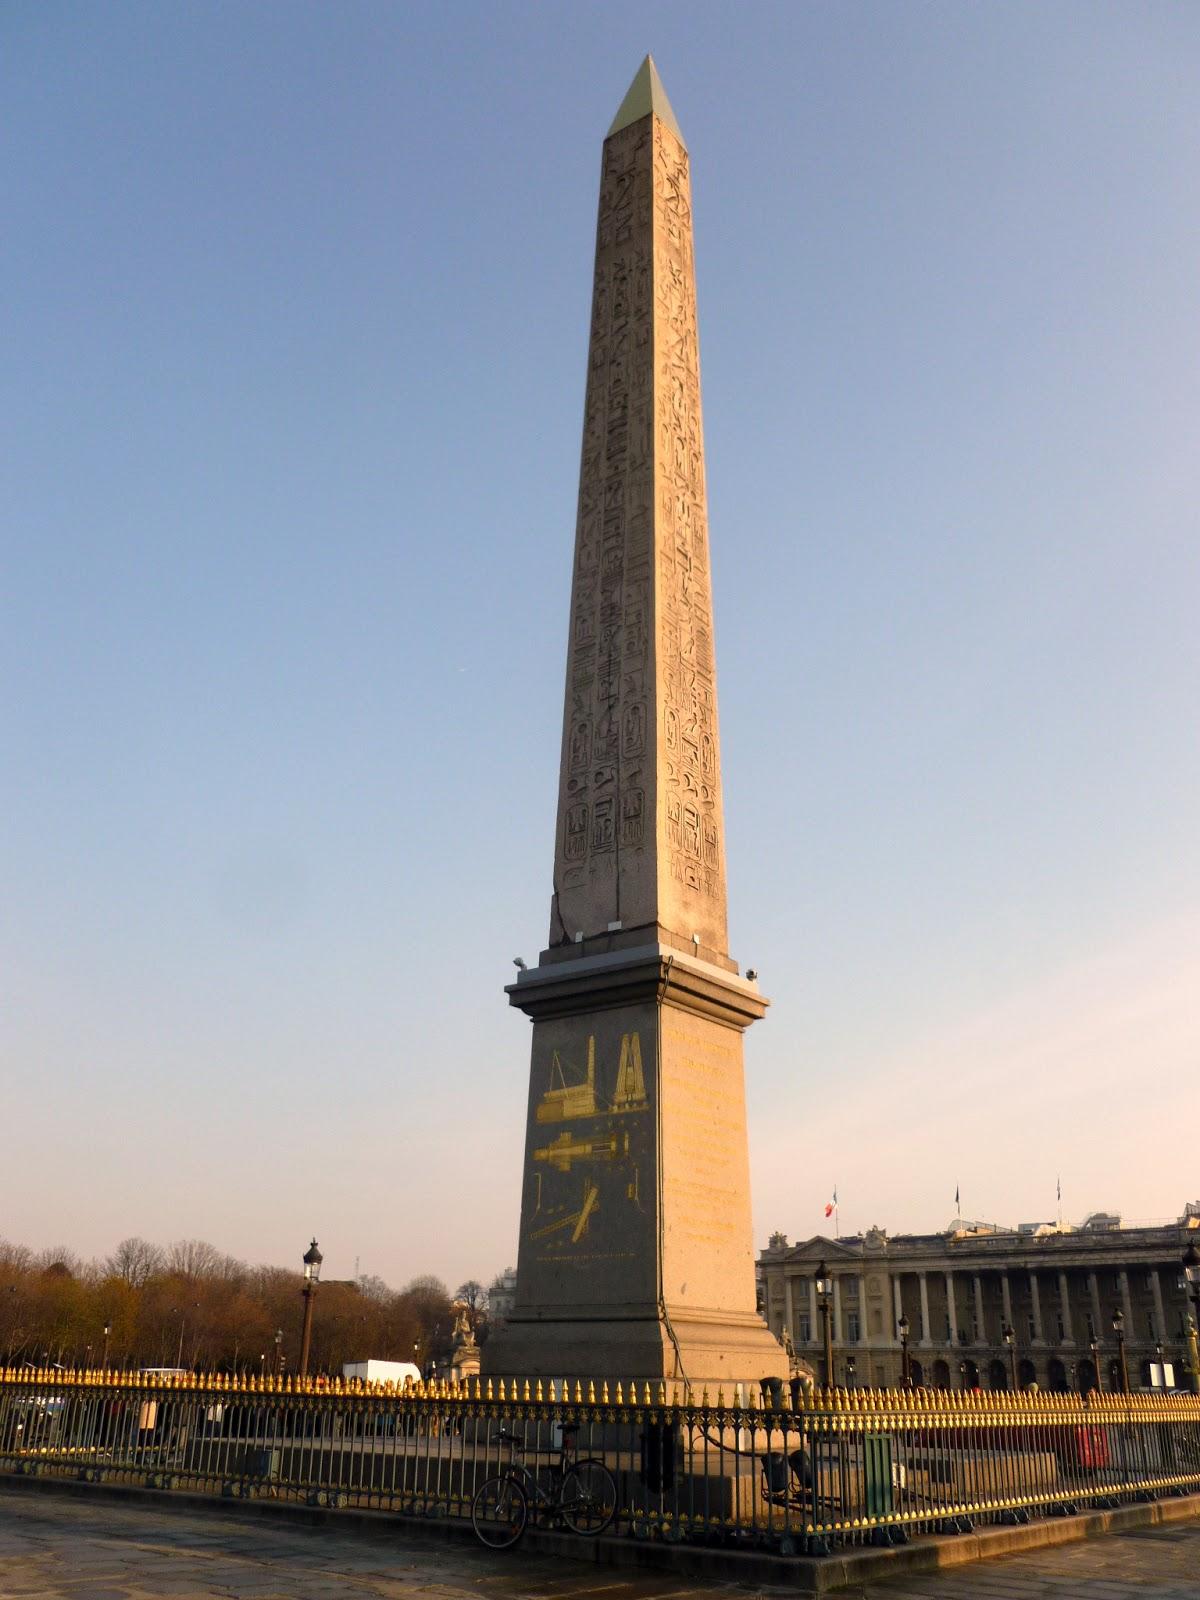 Photoops: Obelisks: Obelisk of Luxor  Paris, France